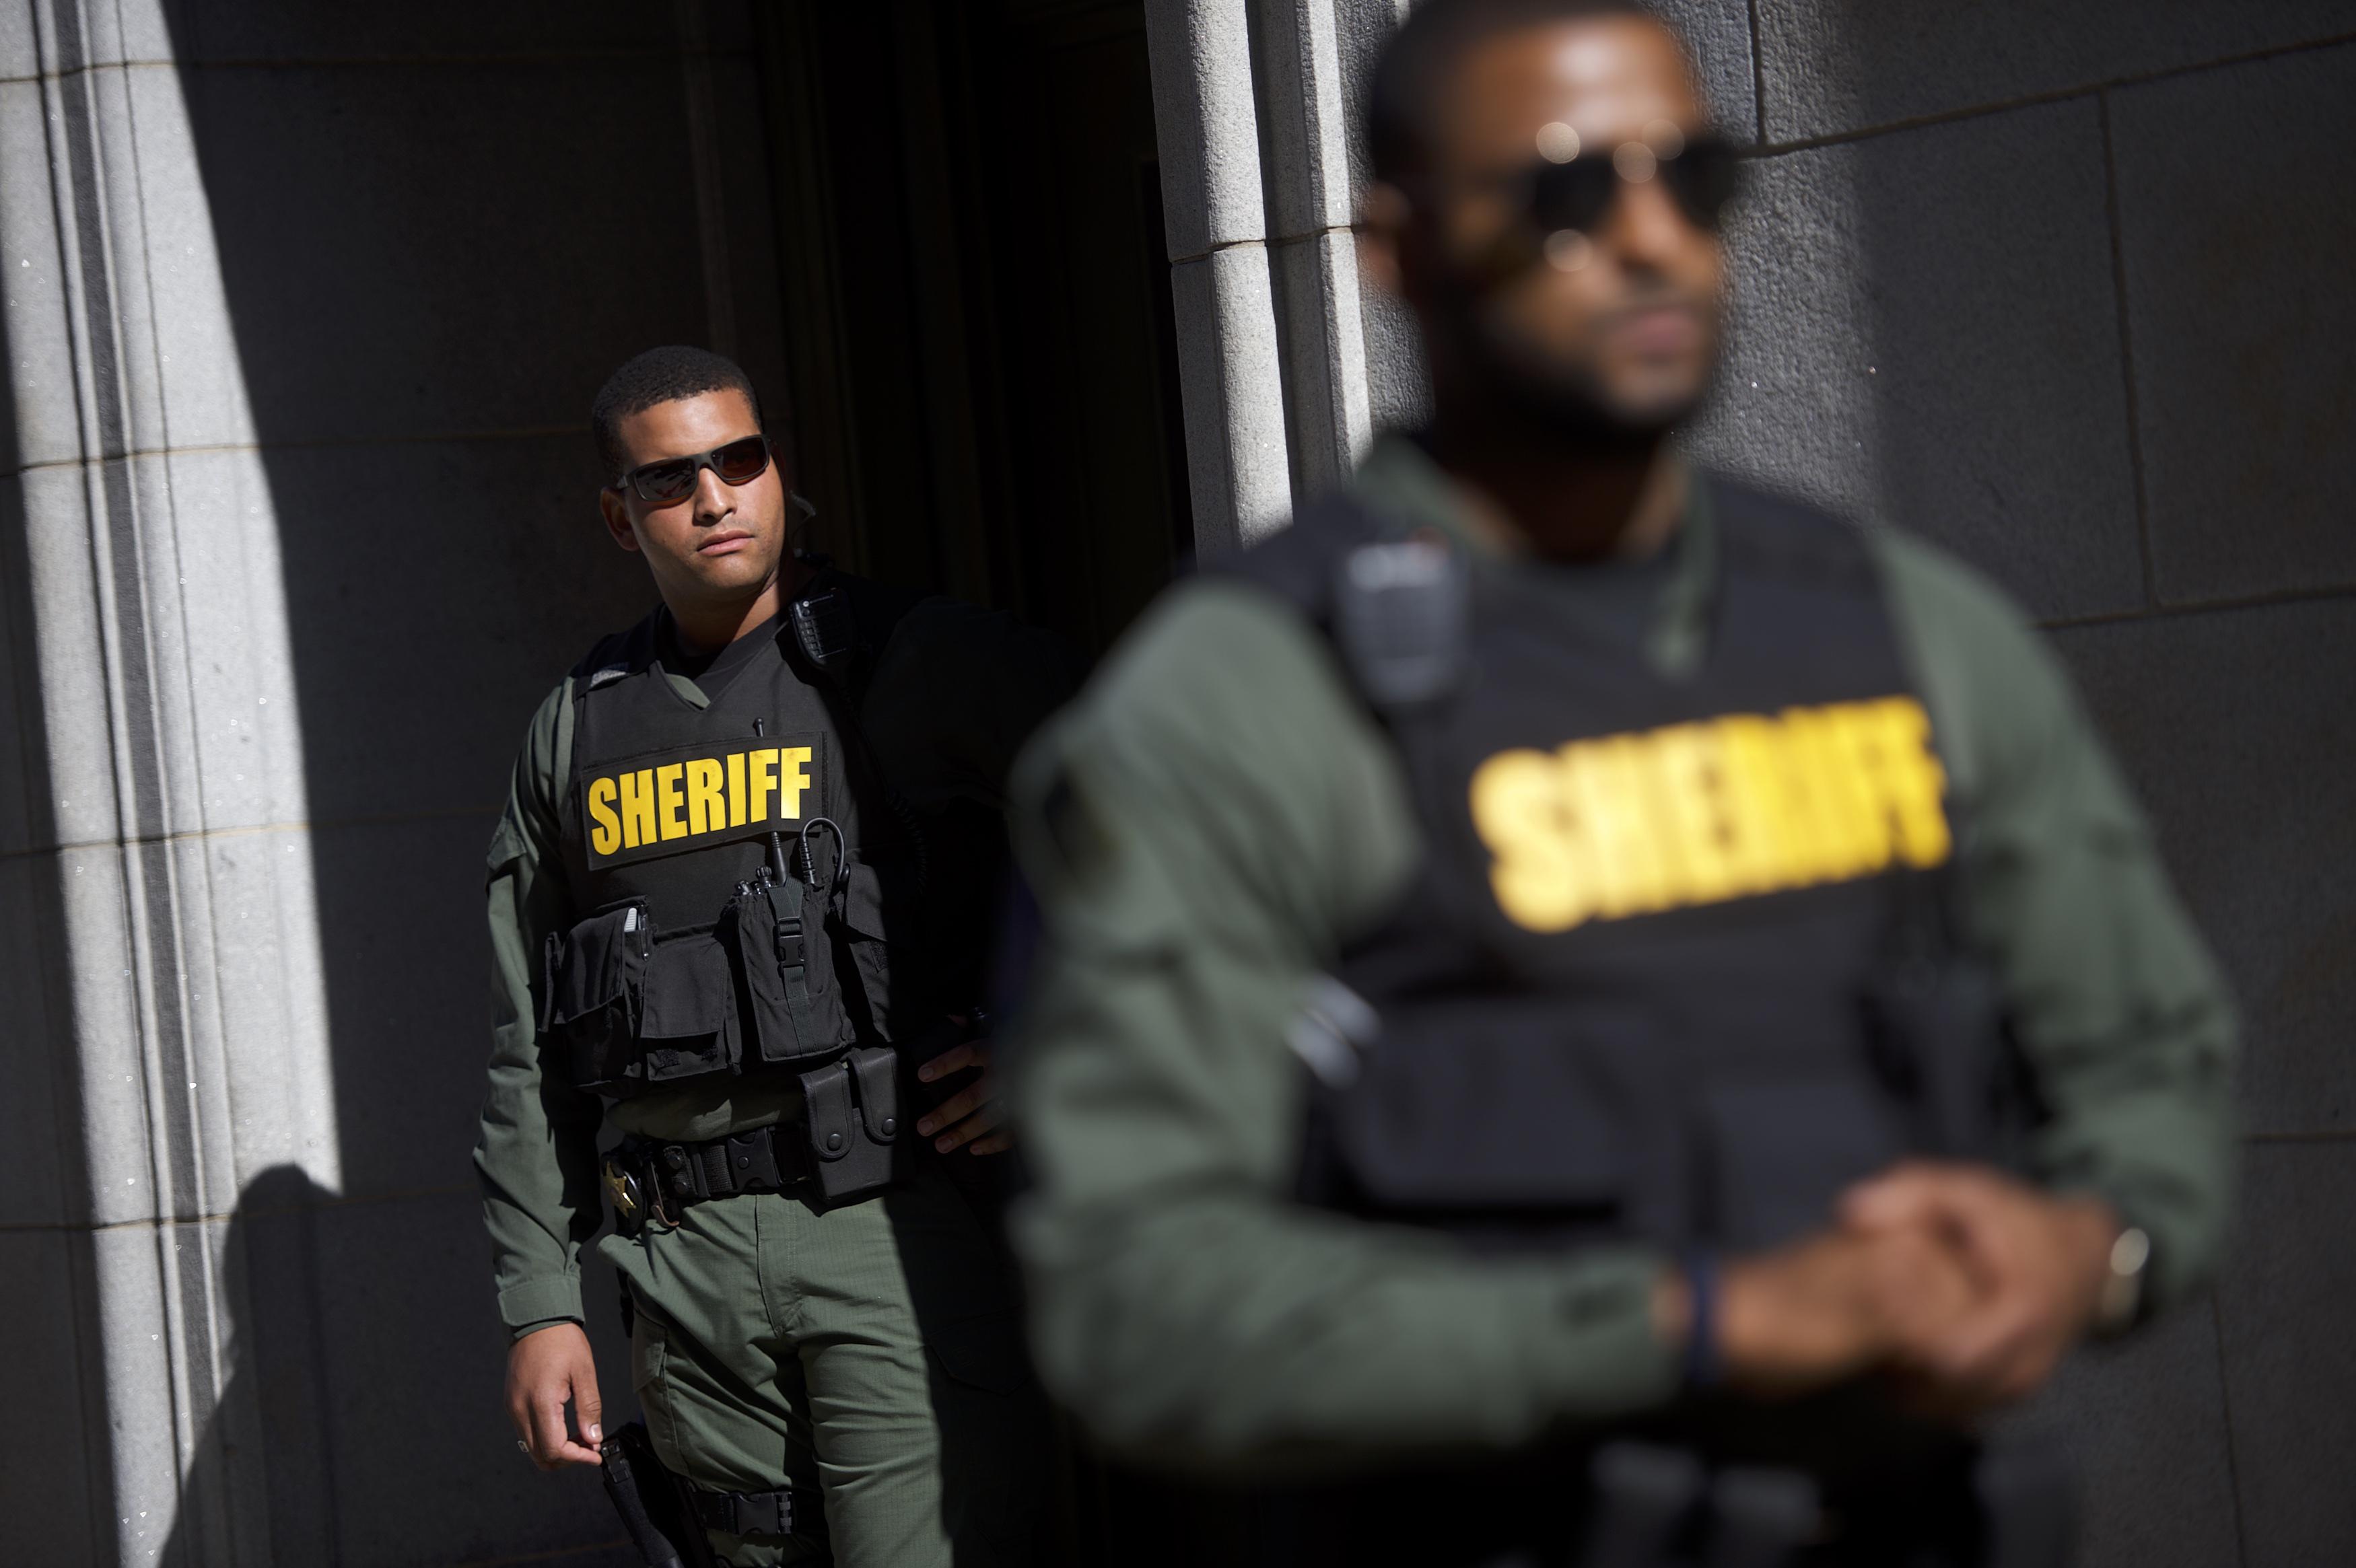 Police Van Driver in Freddie Gray Case Goes On Trial